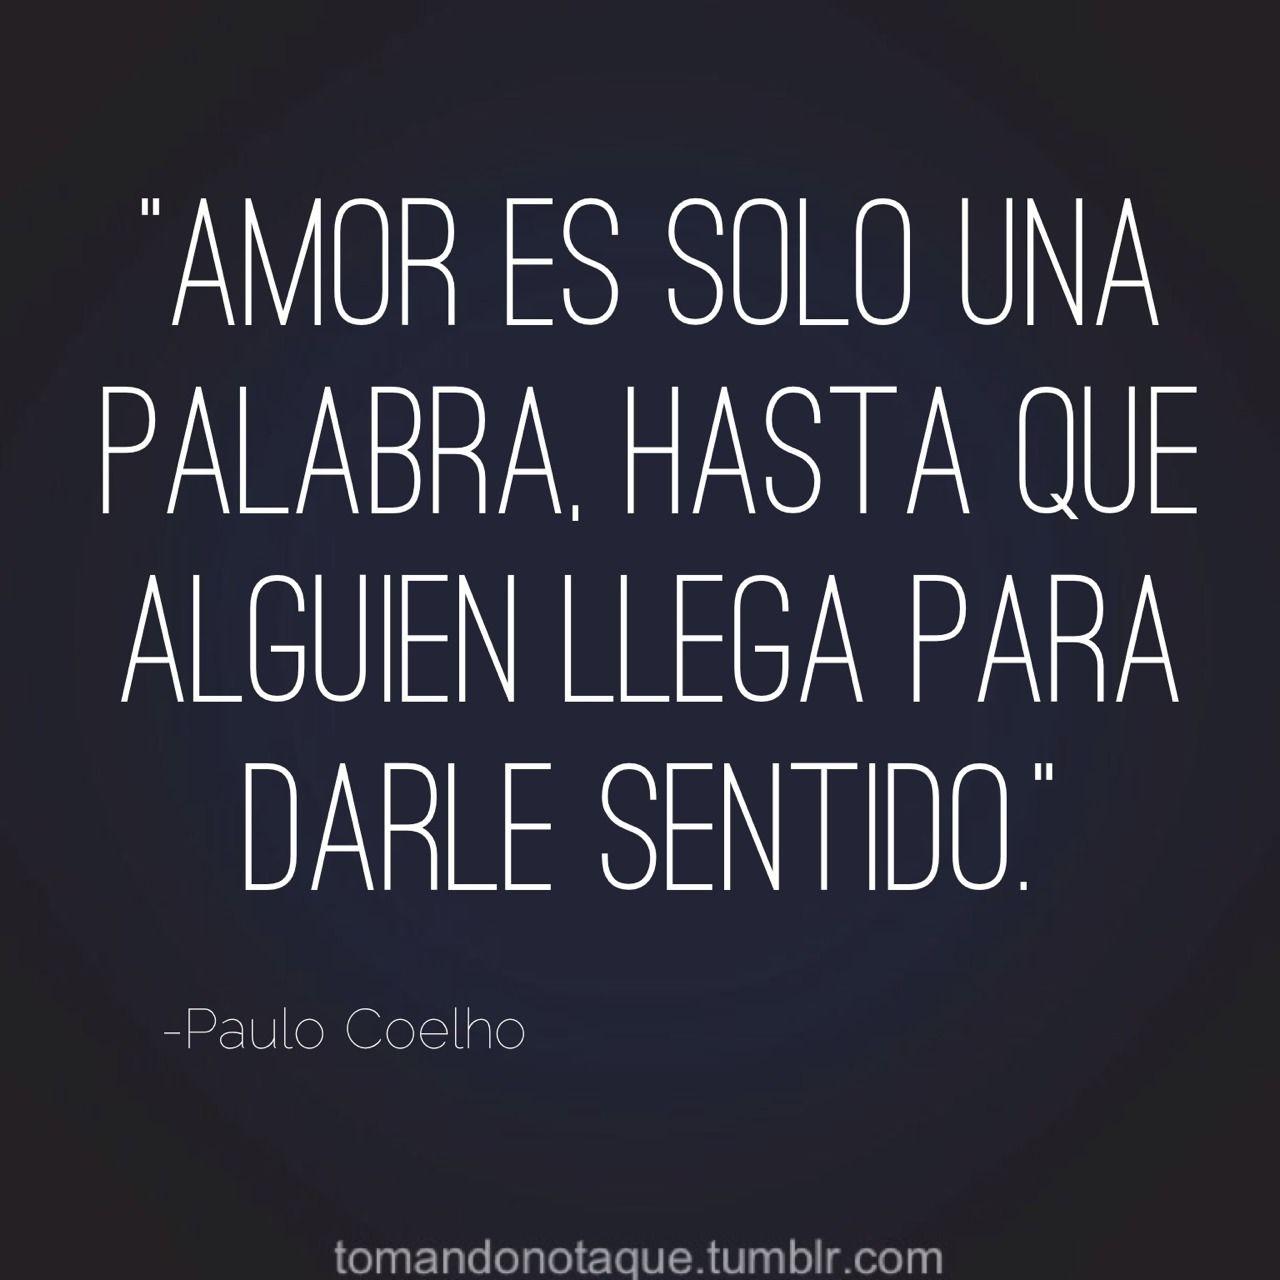 Las mejores frases de Paulo Coelho Otras frases interesantes Un beso con amor es o estar en el cielo Un efecto esencial de la elegancia es ocultar sus